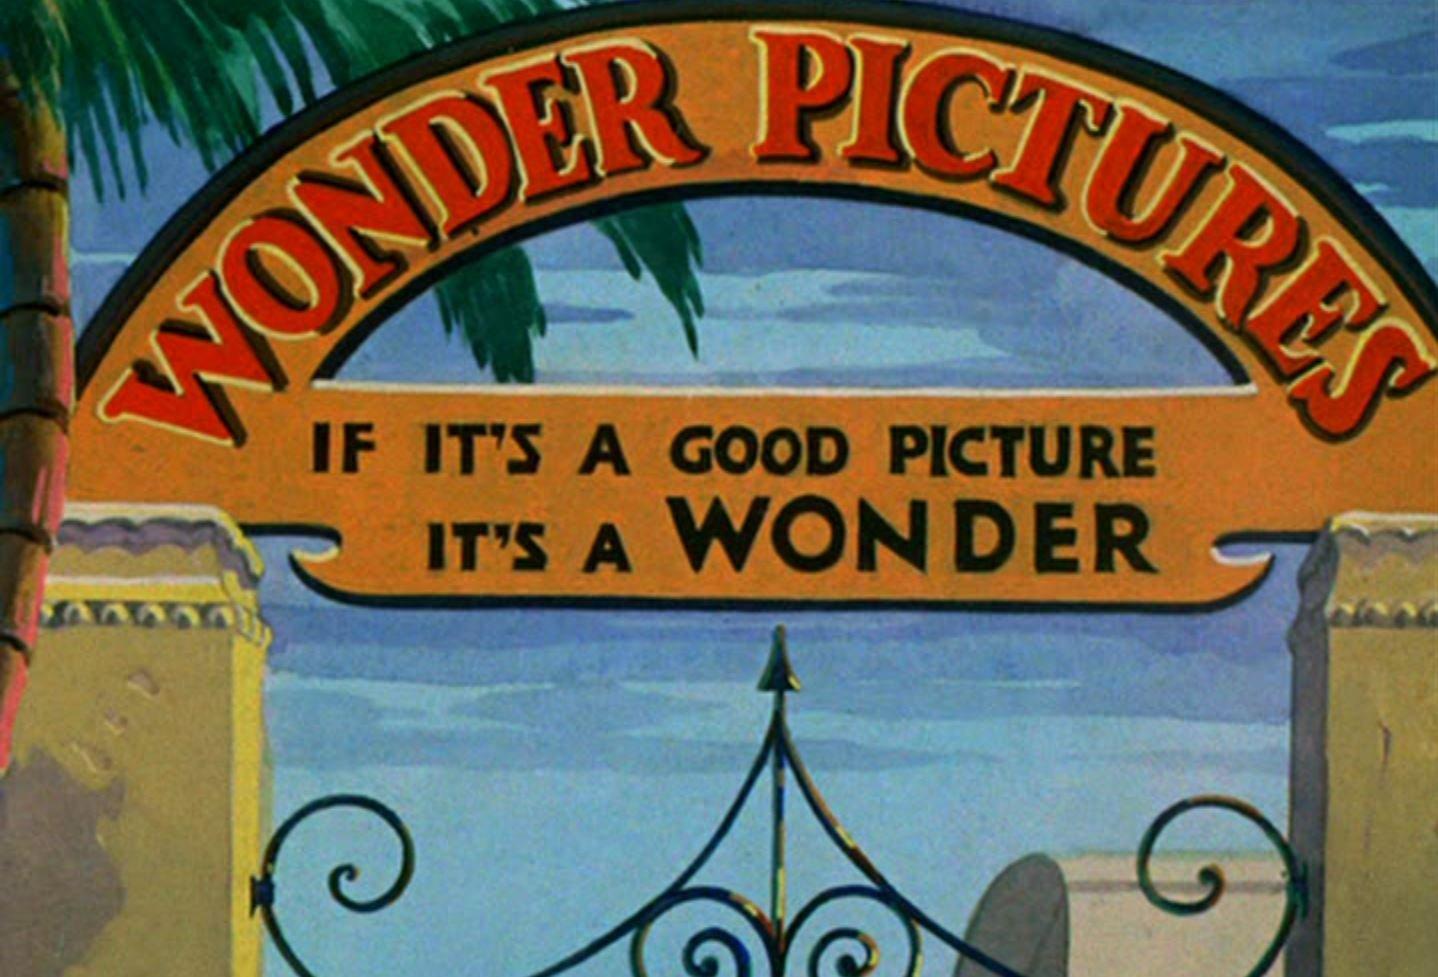 WonderPictures.JPG